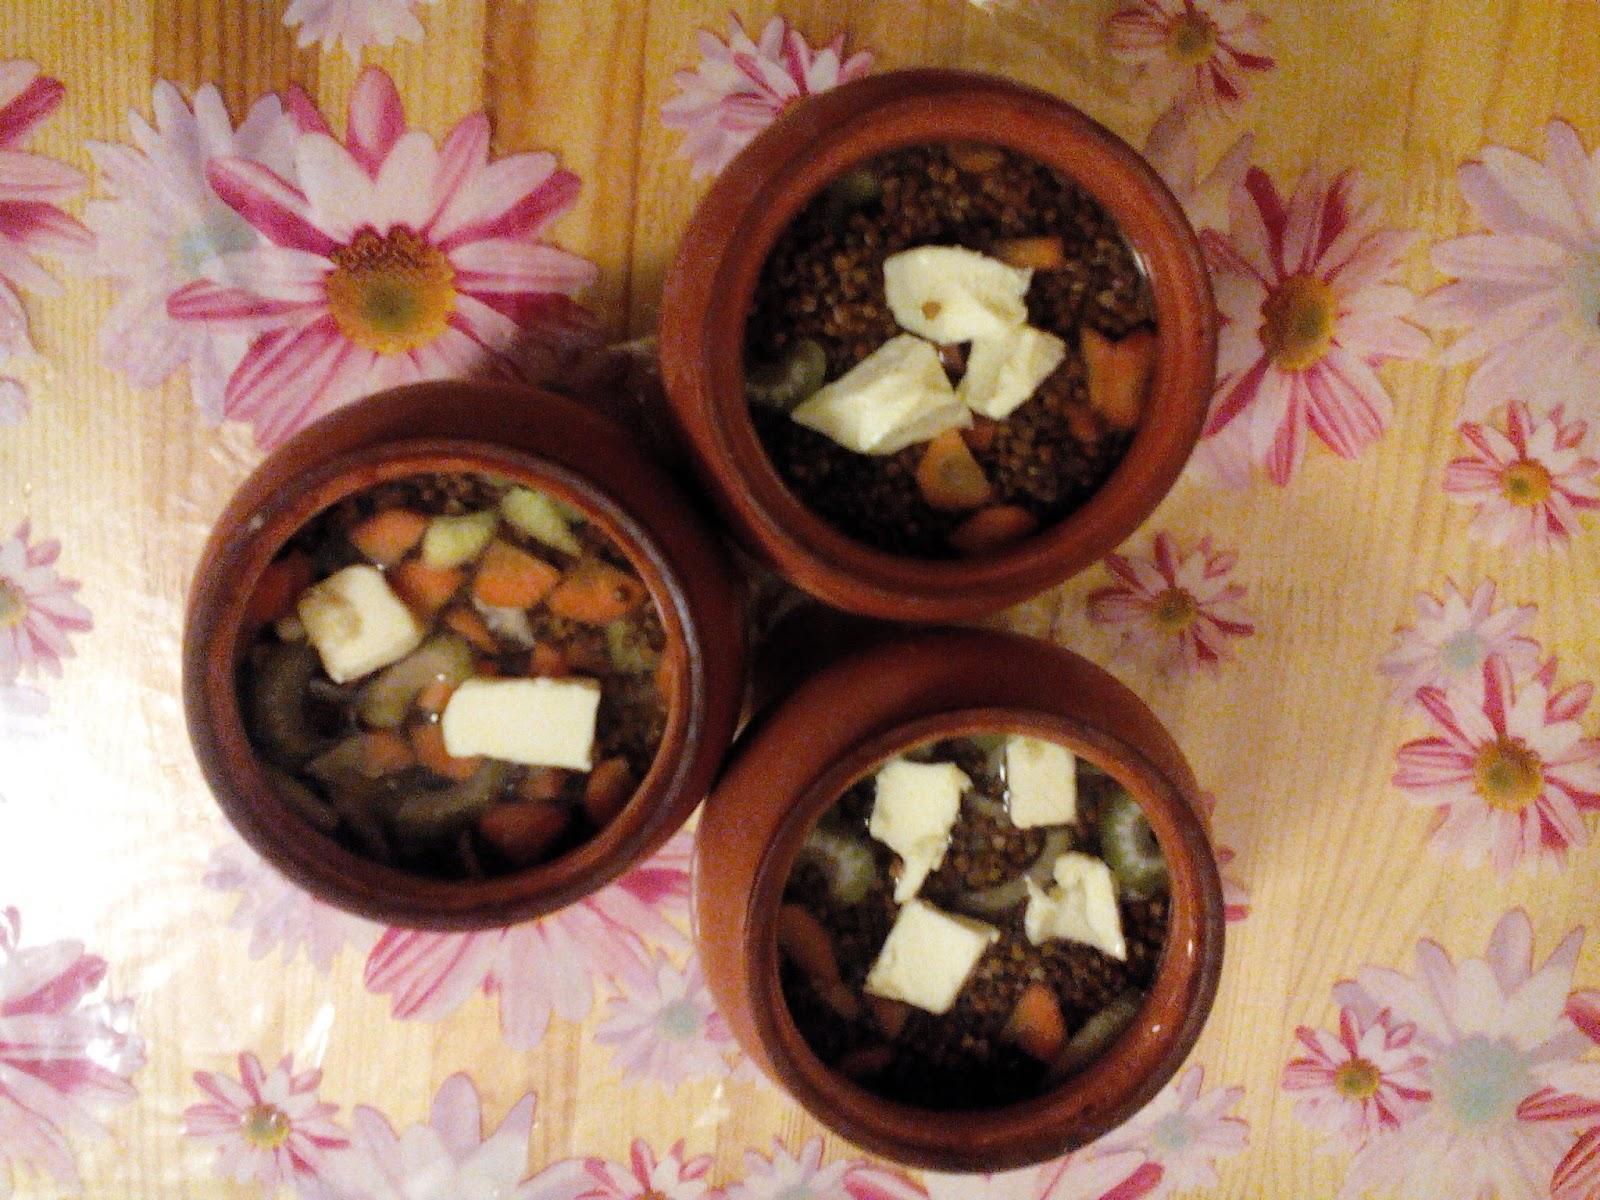 имеется обед из гречки в горшочках с филе тысячи онлайн